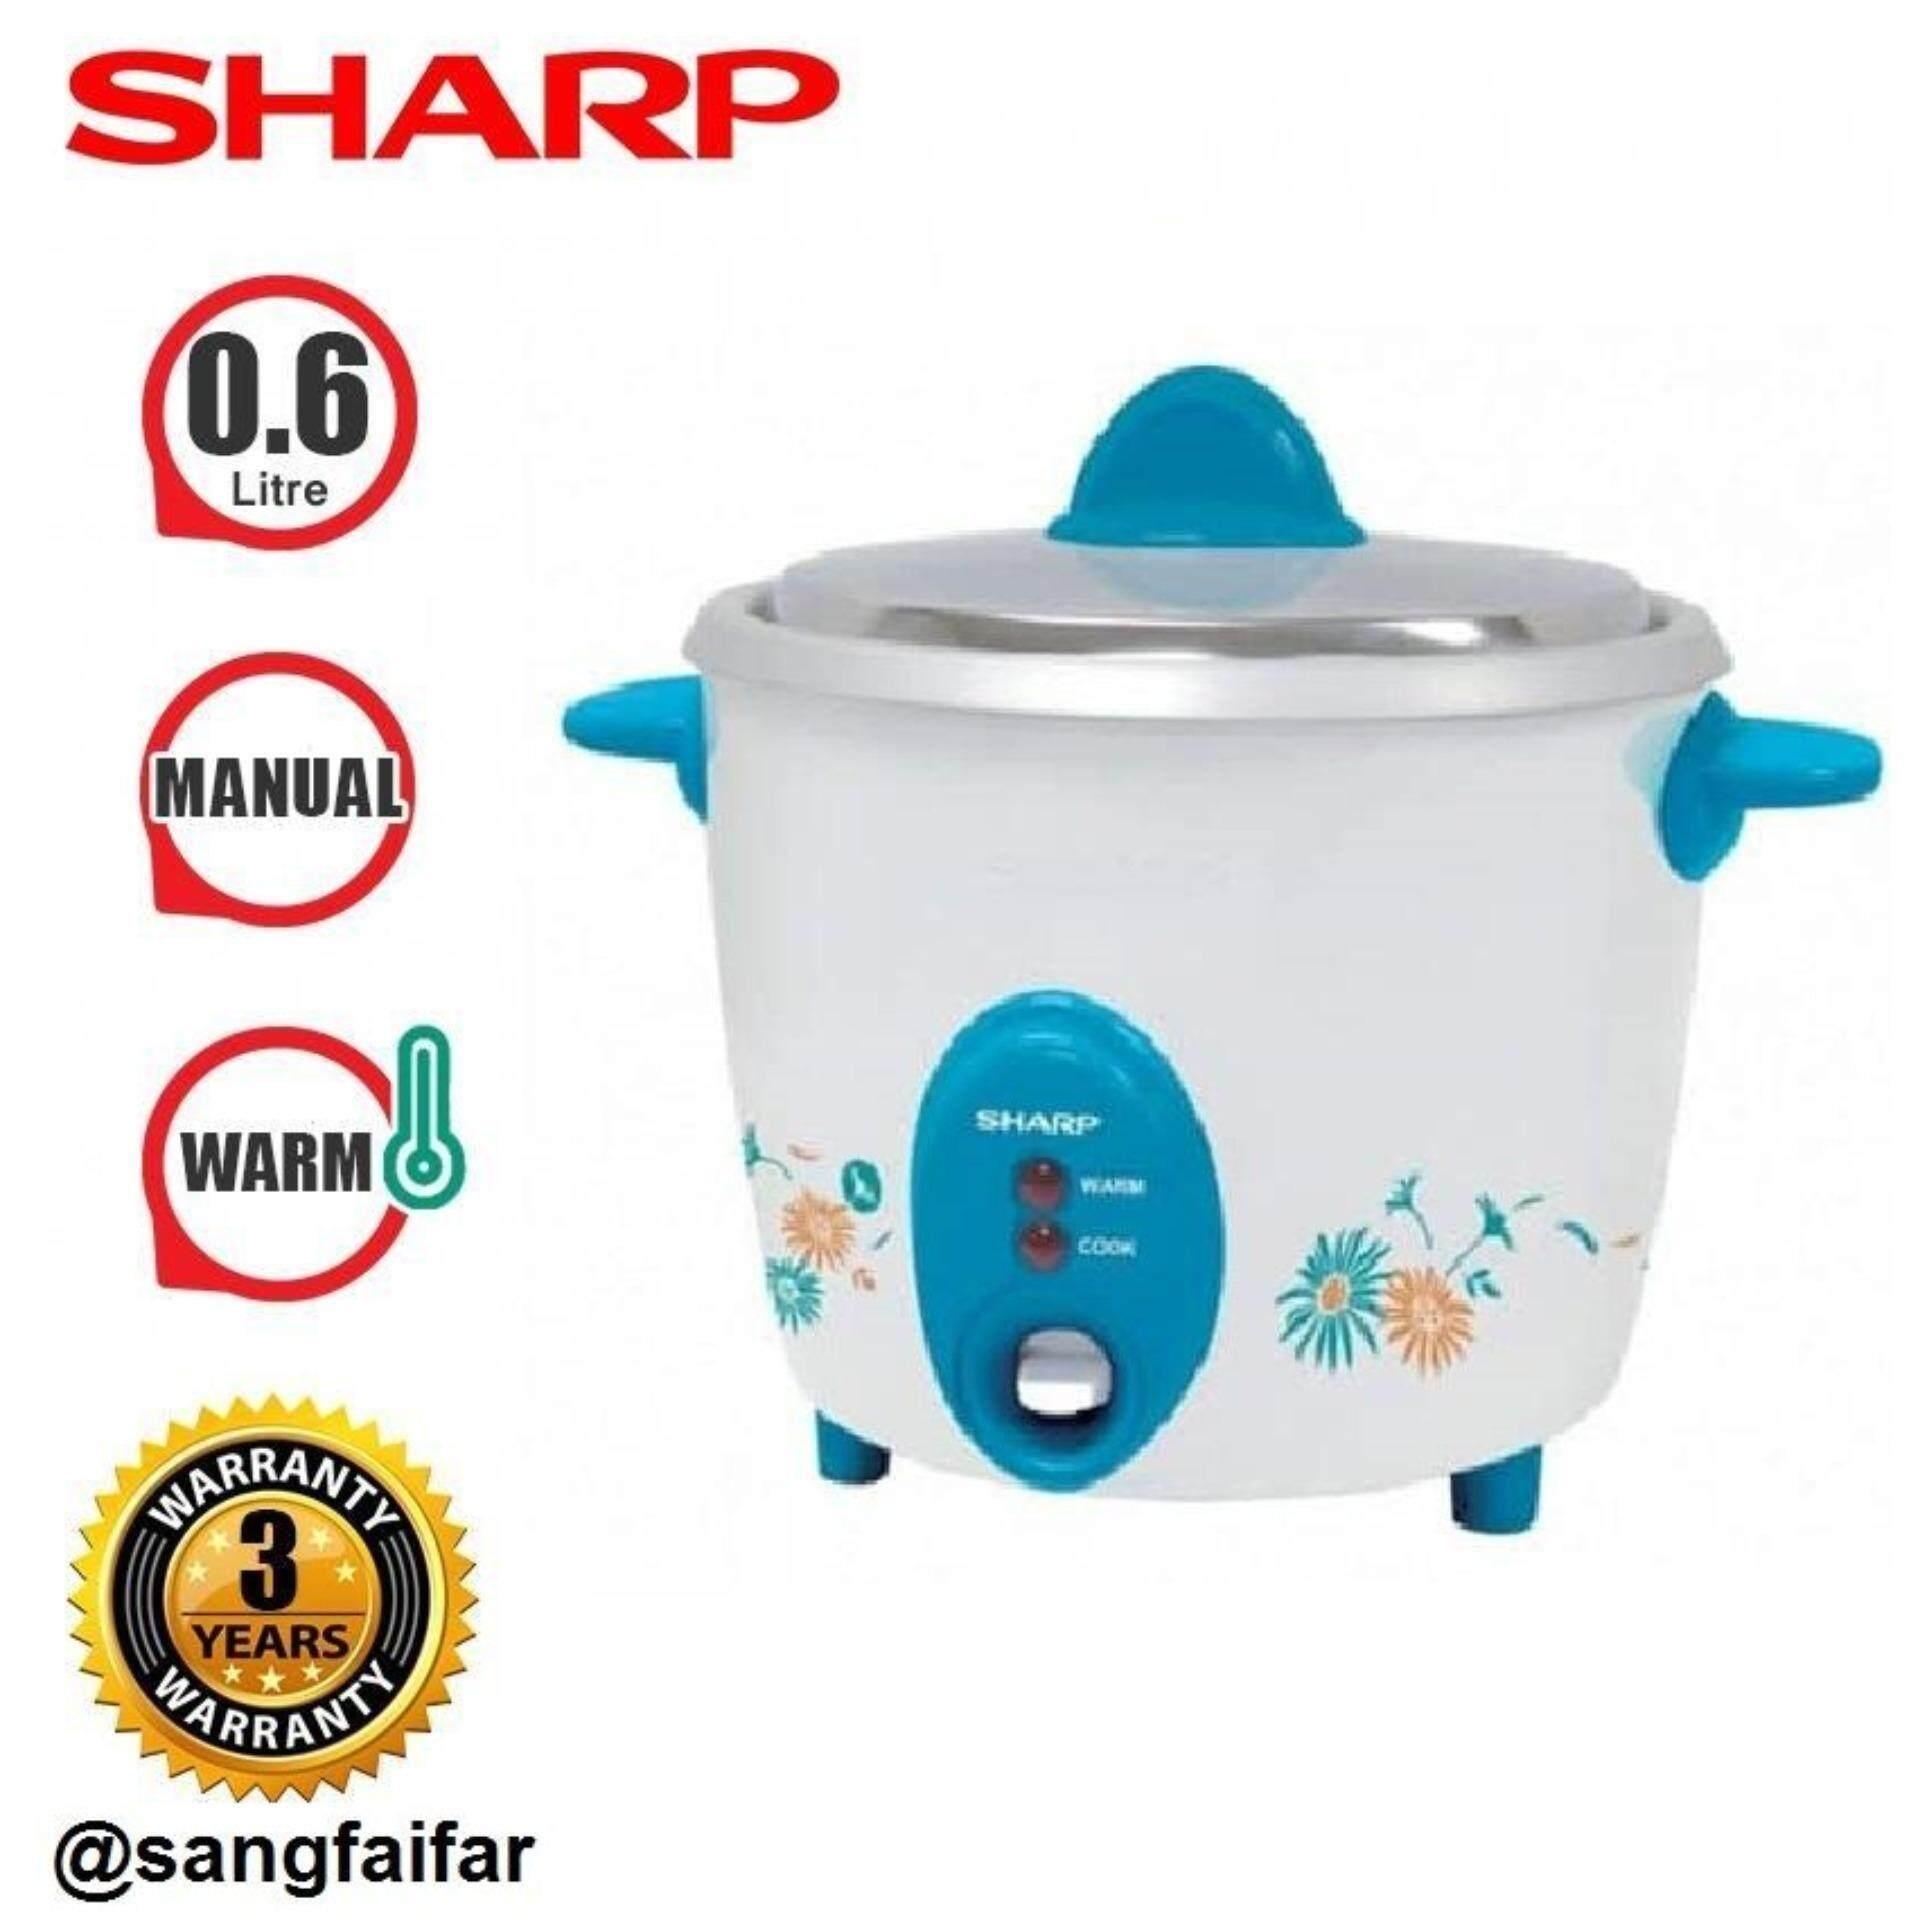 SHARP หม้อข้าว0.6ลิตร  รุ่น KSH-D06 ++คละสี++